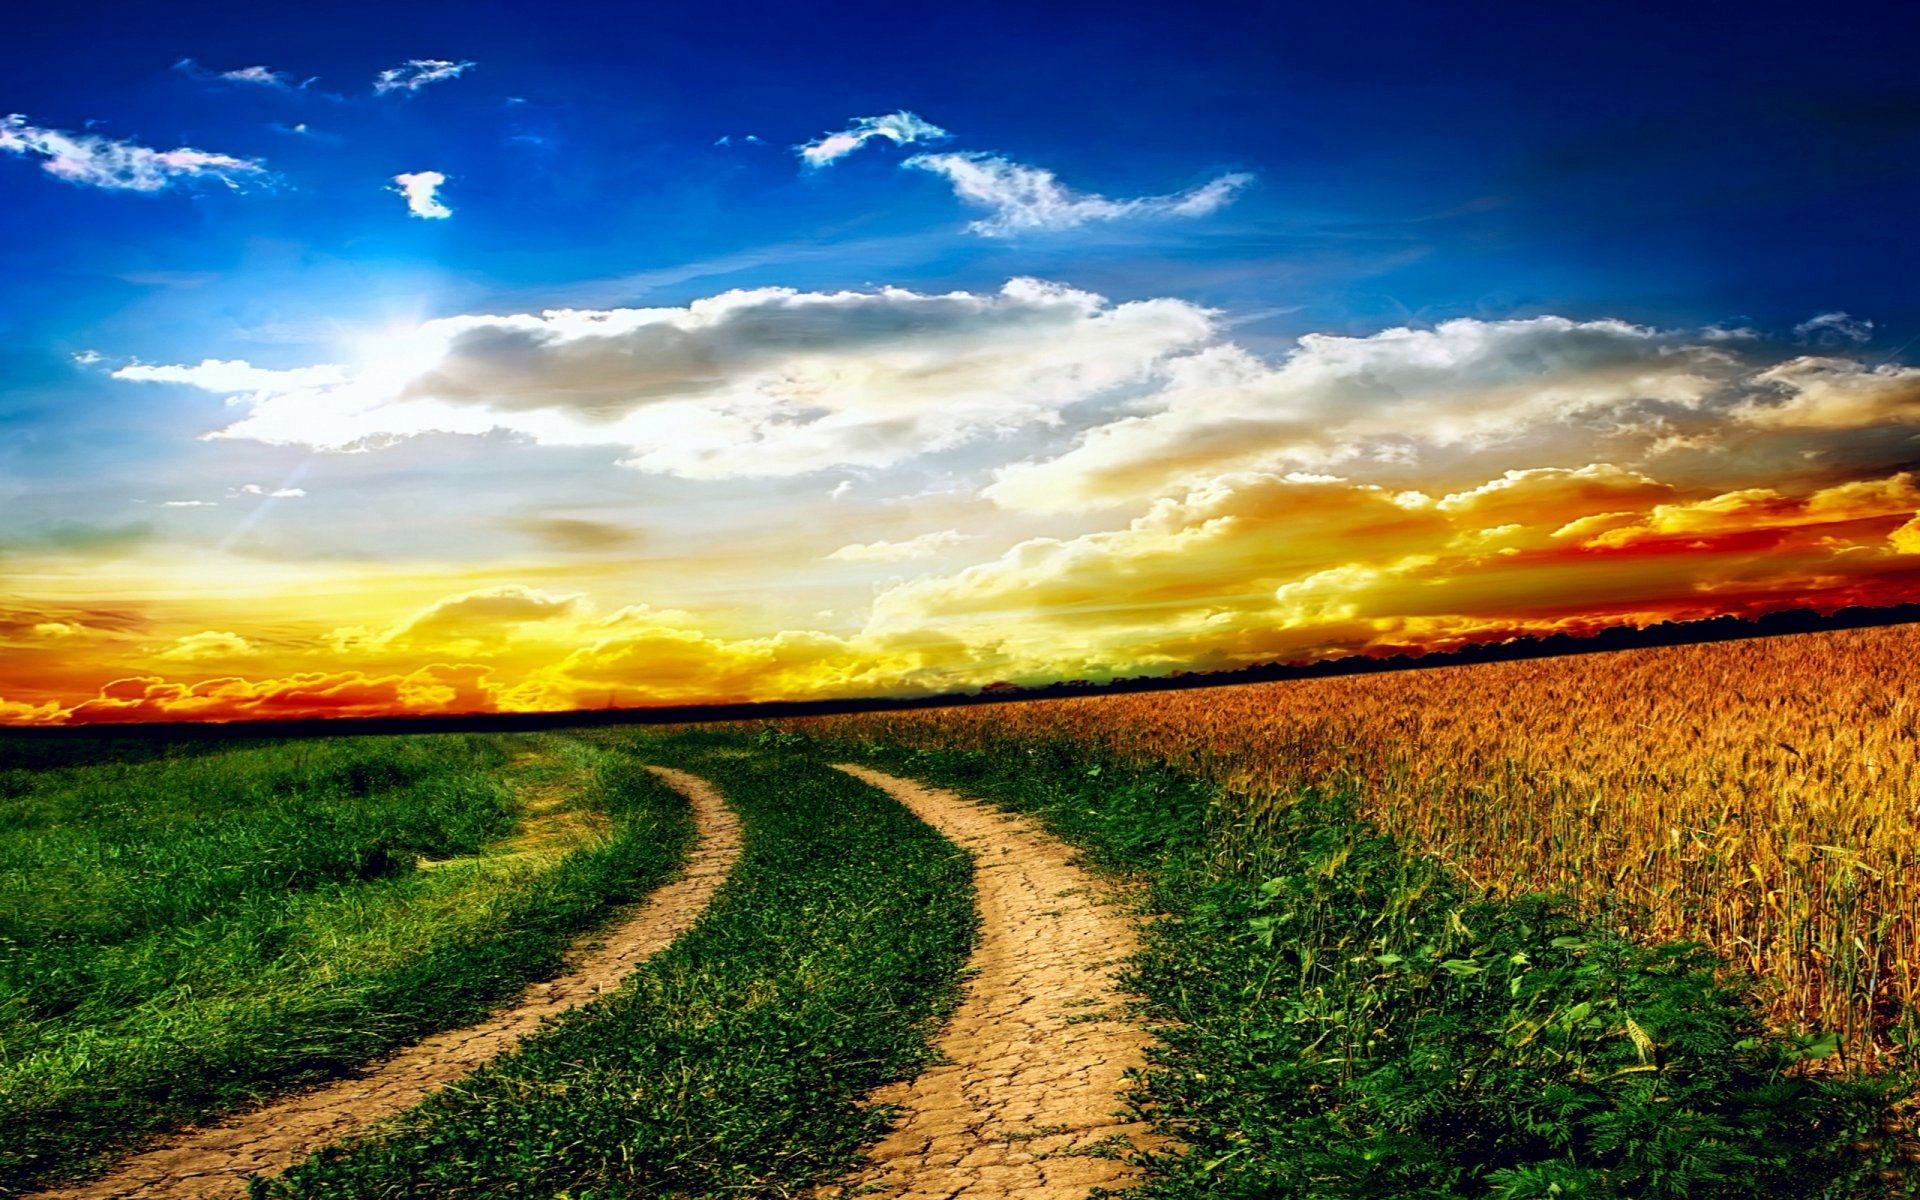 http://4.bp.blogspot.com/-1jU8JREhp78/UHMDi590WBI/AAAAAAAALjw/j_dN1Sgjb4Q/s1920/nature+field+road+wallpaper.jpg